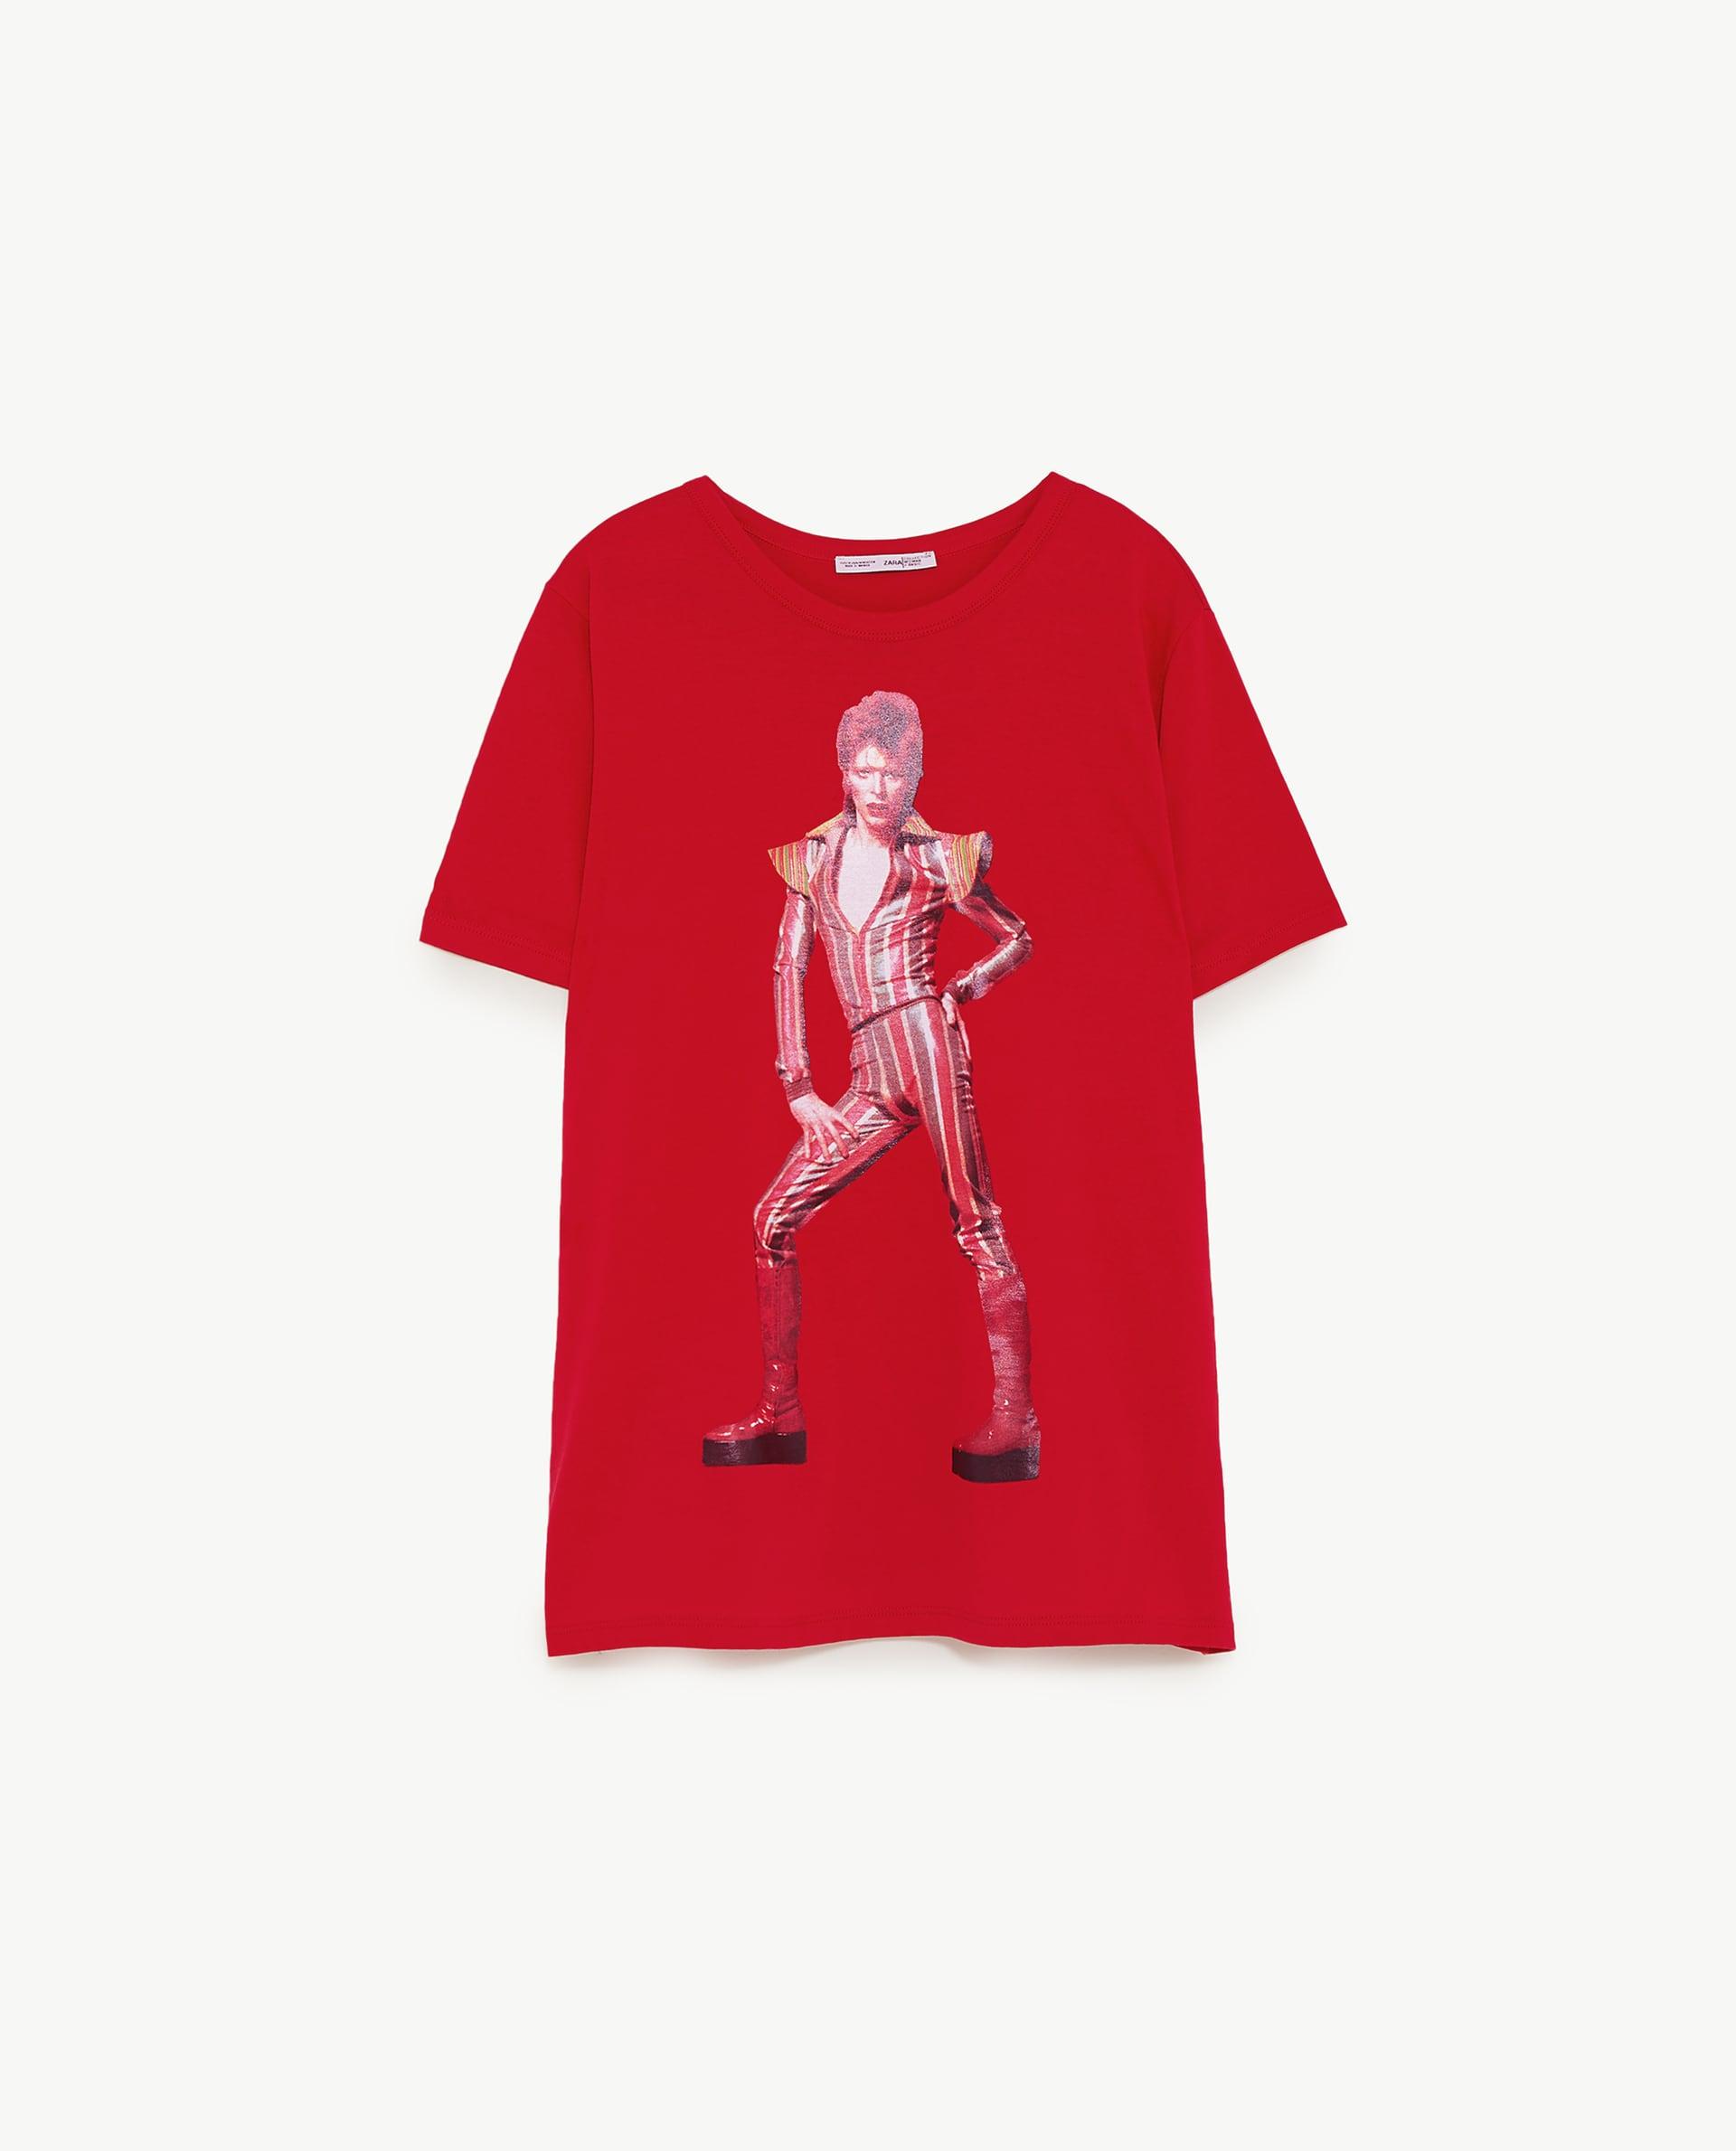 T Shirt Primavera Estate 2018 Modelli E Prezzi Diredonna